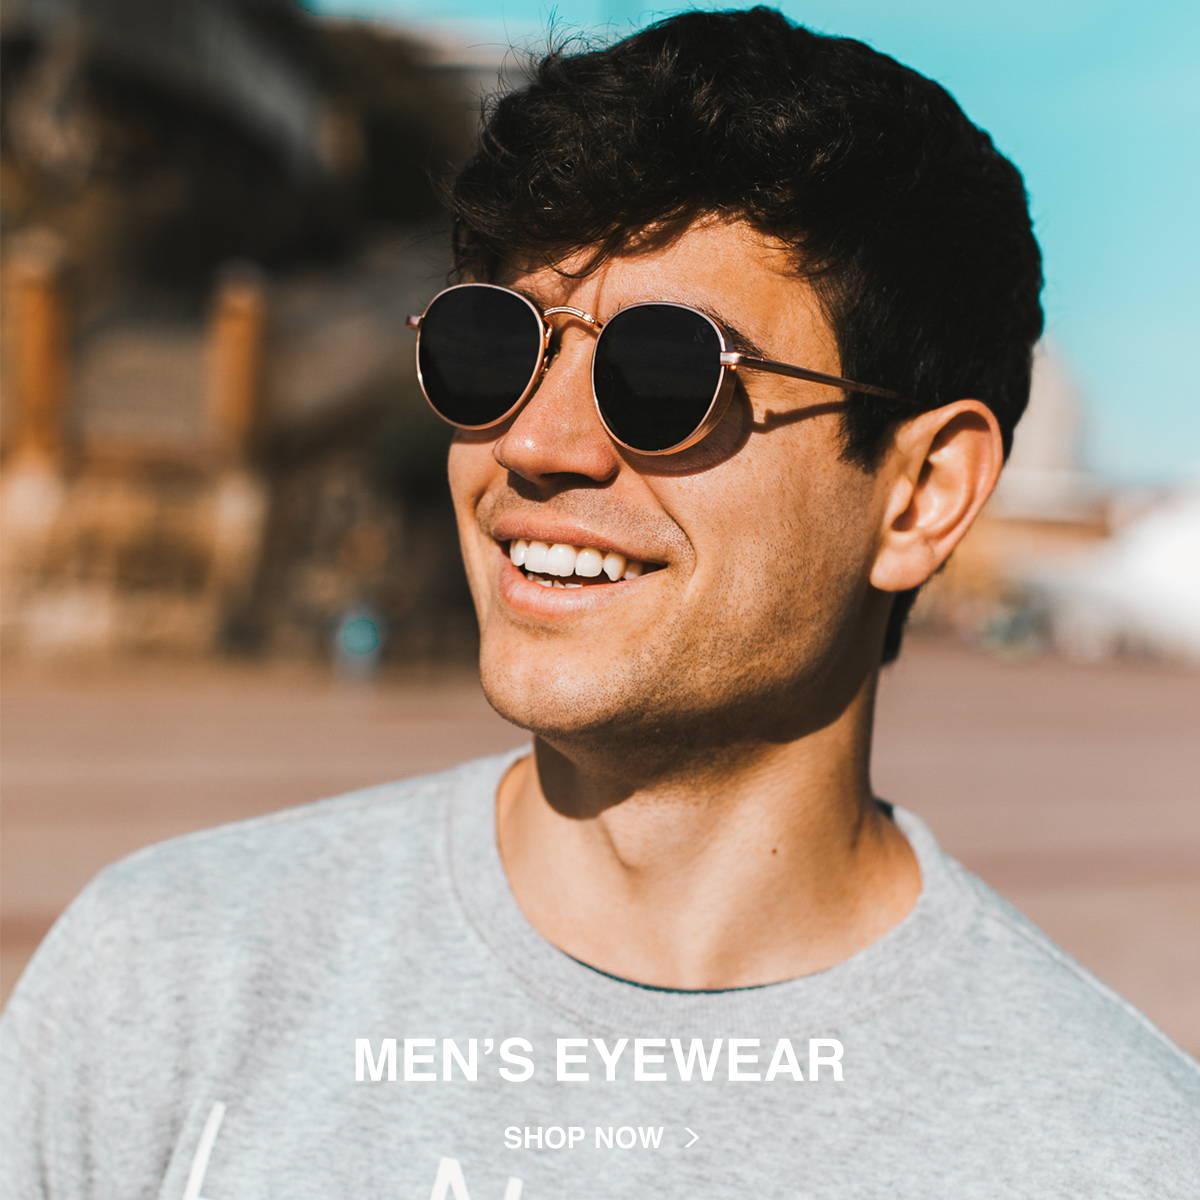 Mens Eyewear